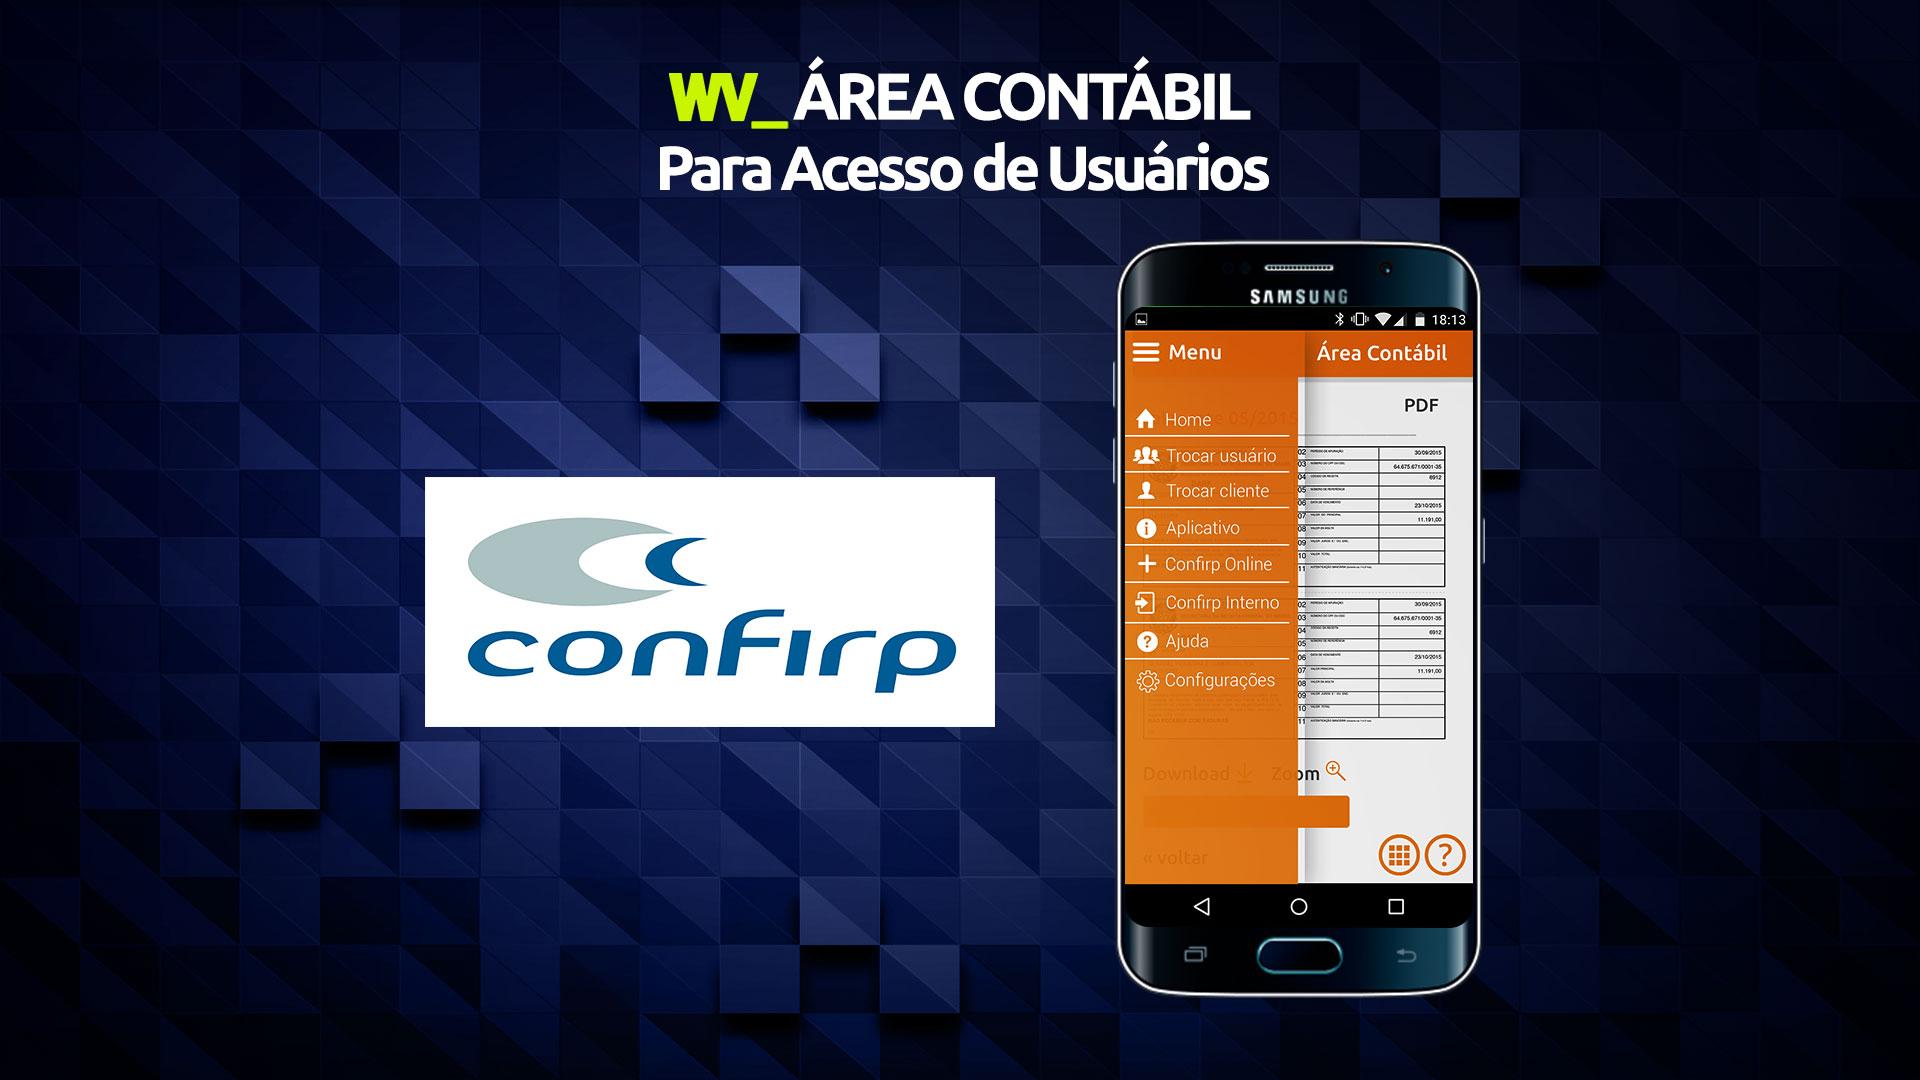 WV-Todoz-Aplicativo-Contábil-Confirp